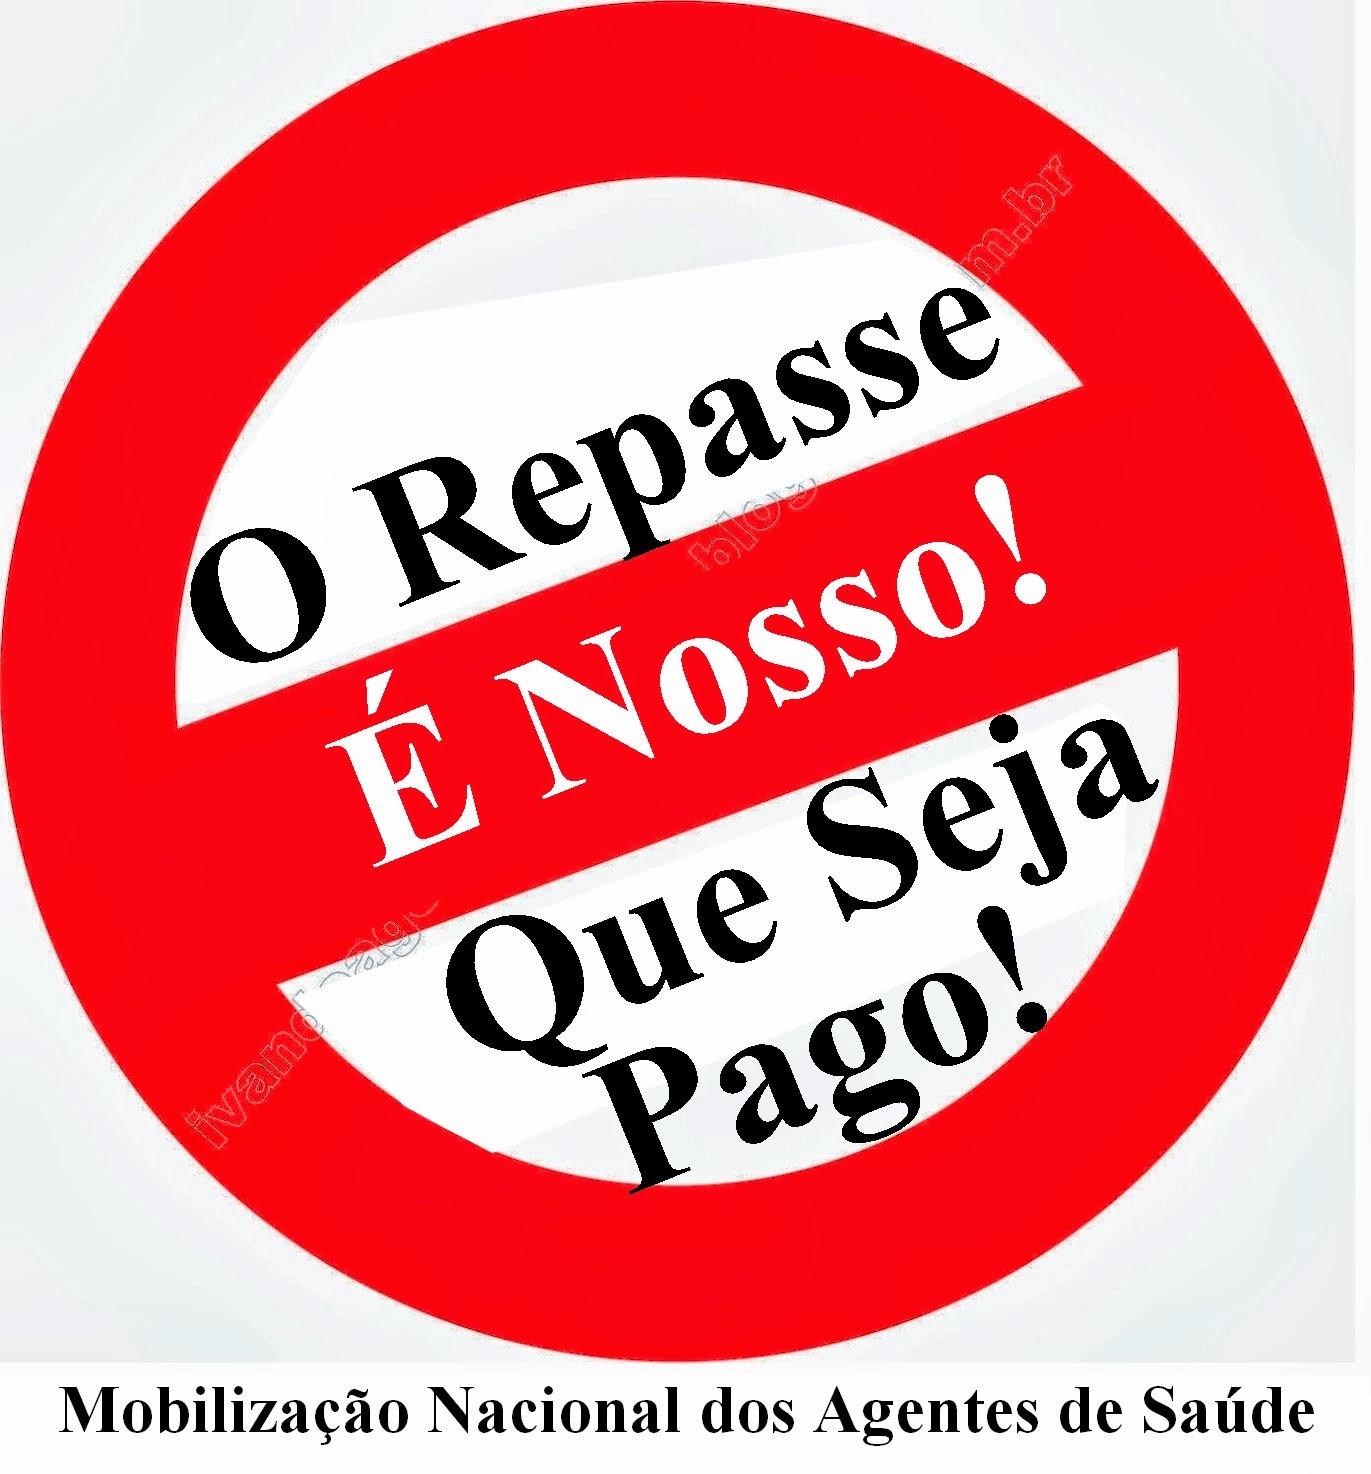 Mobilização Nacional  dos agentes de saúde MNAS piso nacional dos agentes de saude